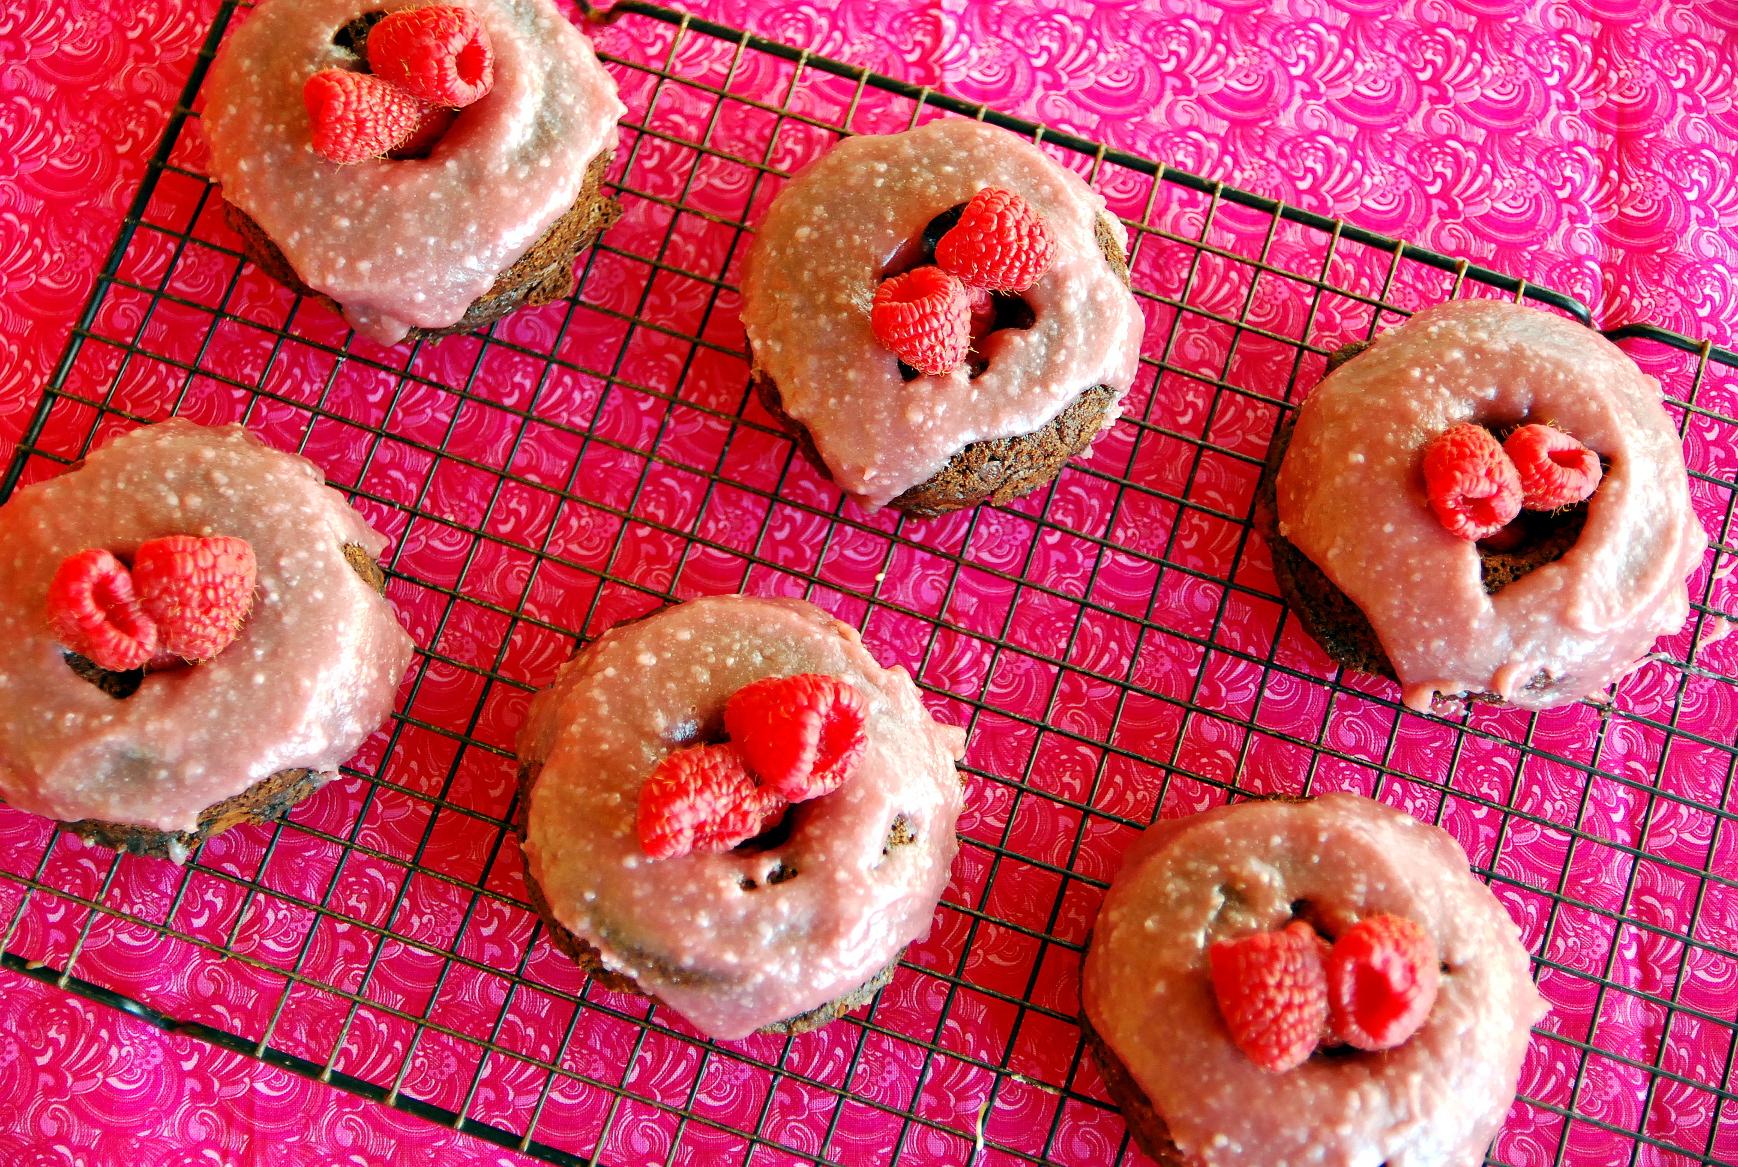 Chocolate Buttermilk Donuts with Raspberry Glaze